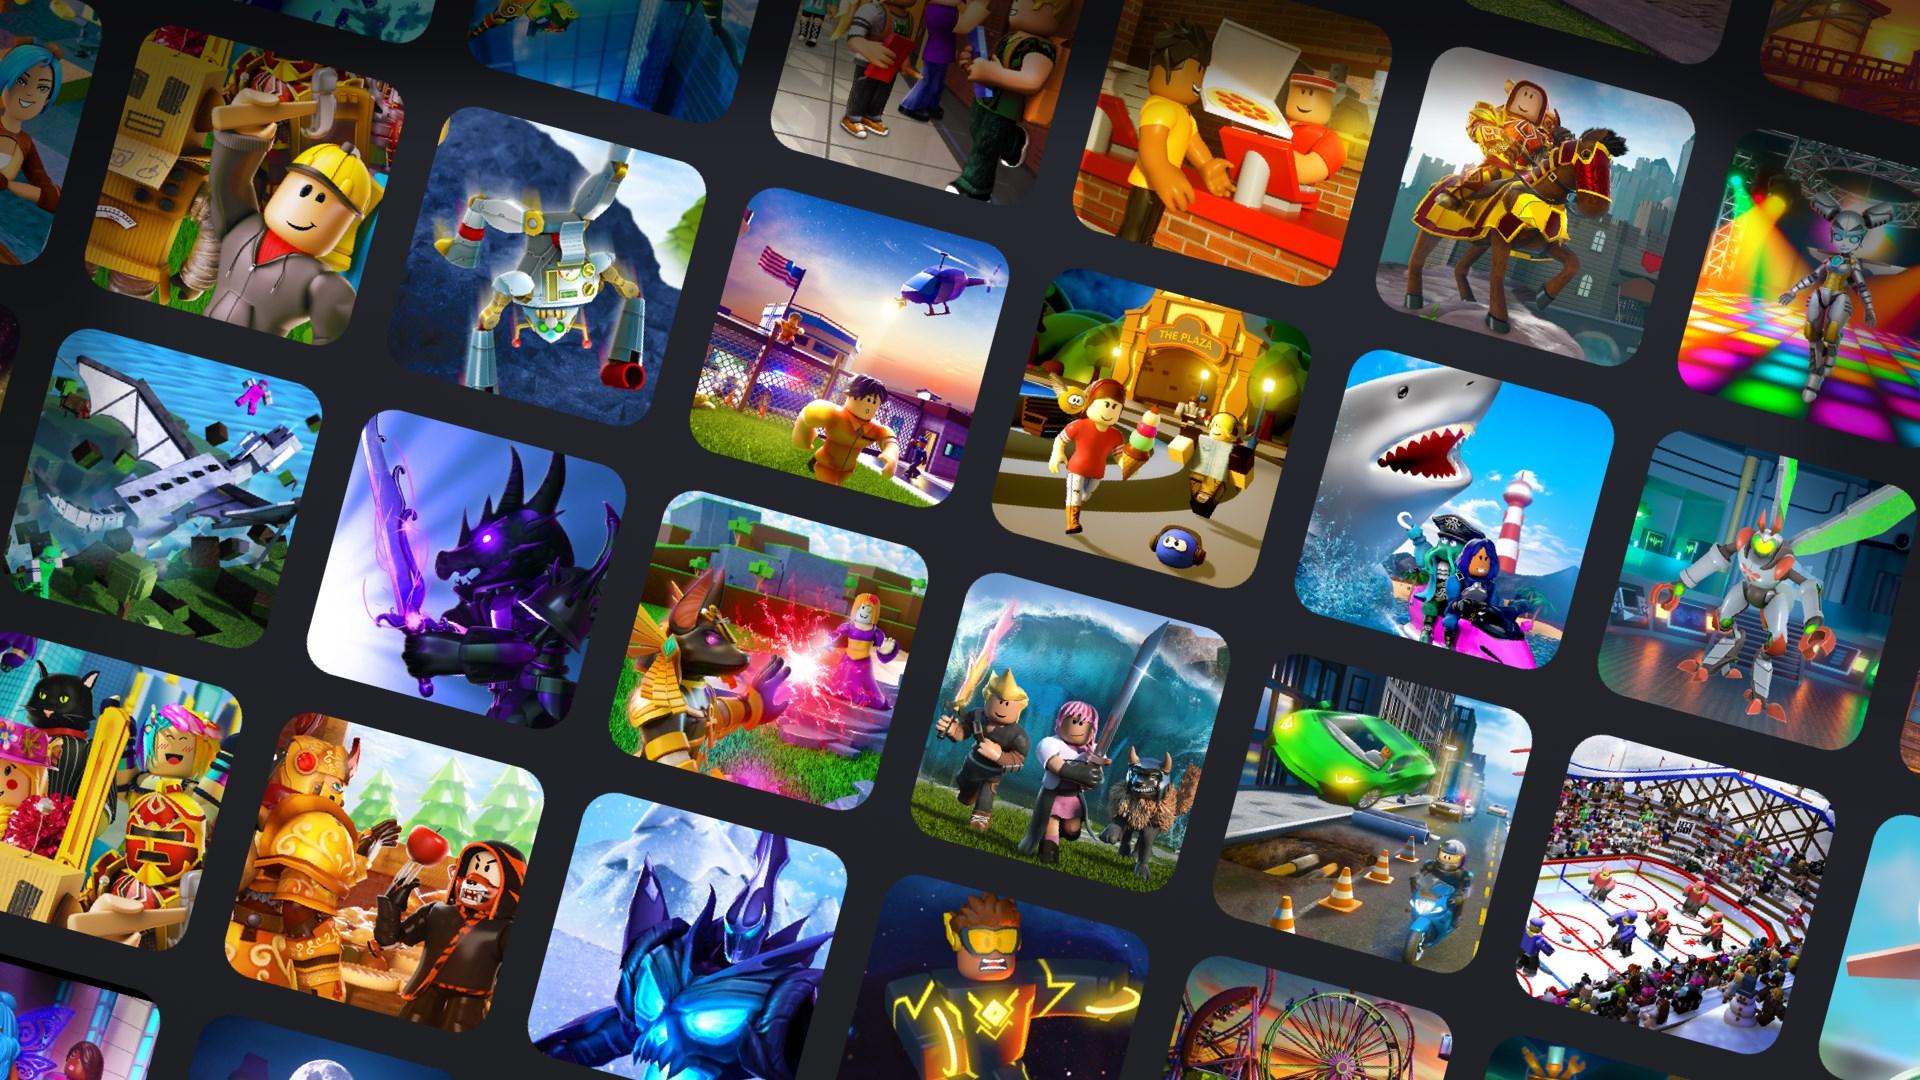 Roblox - платформа, которая позволяет пользователям создавать собственные игры / microsoft.com